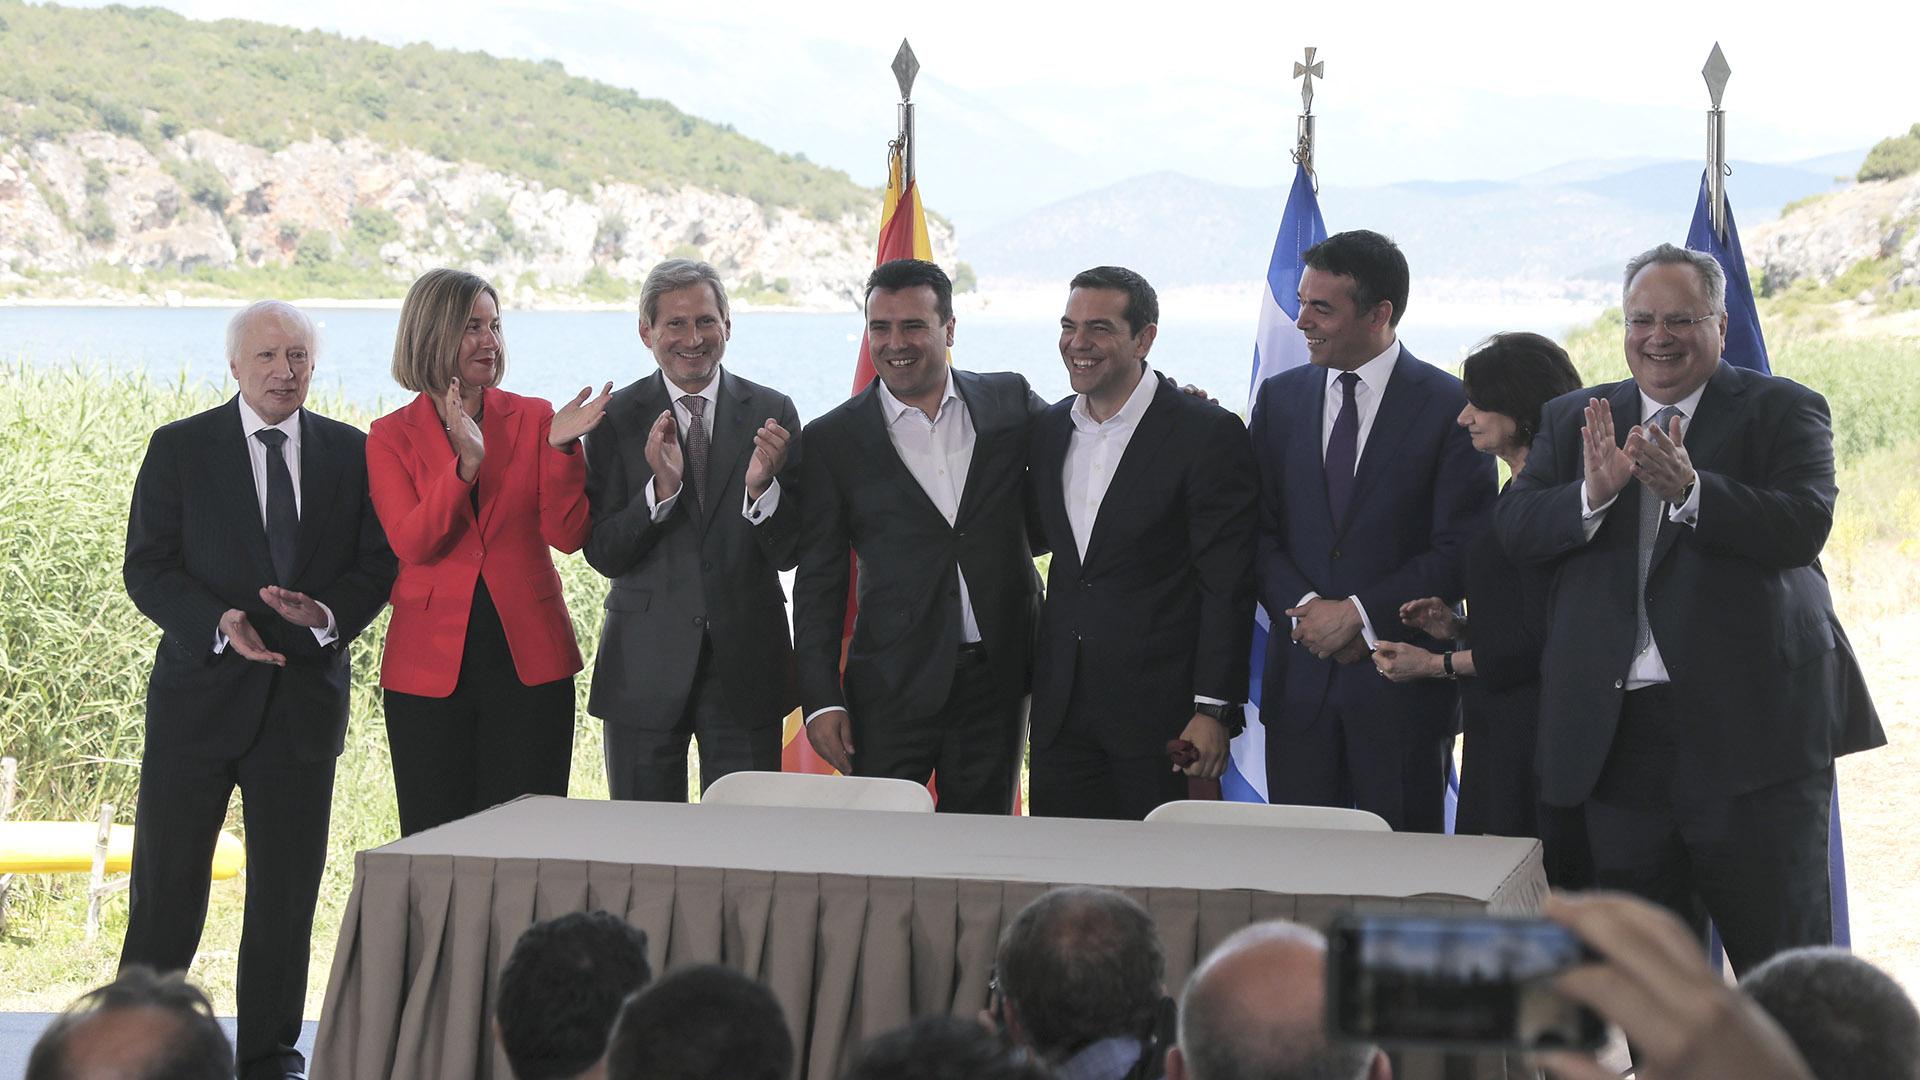 Η συμφωνία των Πρεσπών που αναδιατάσσει το πολιτικό σύστημα